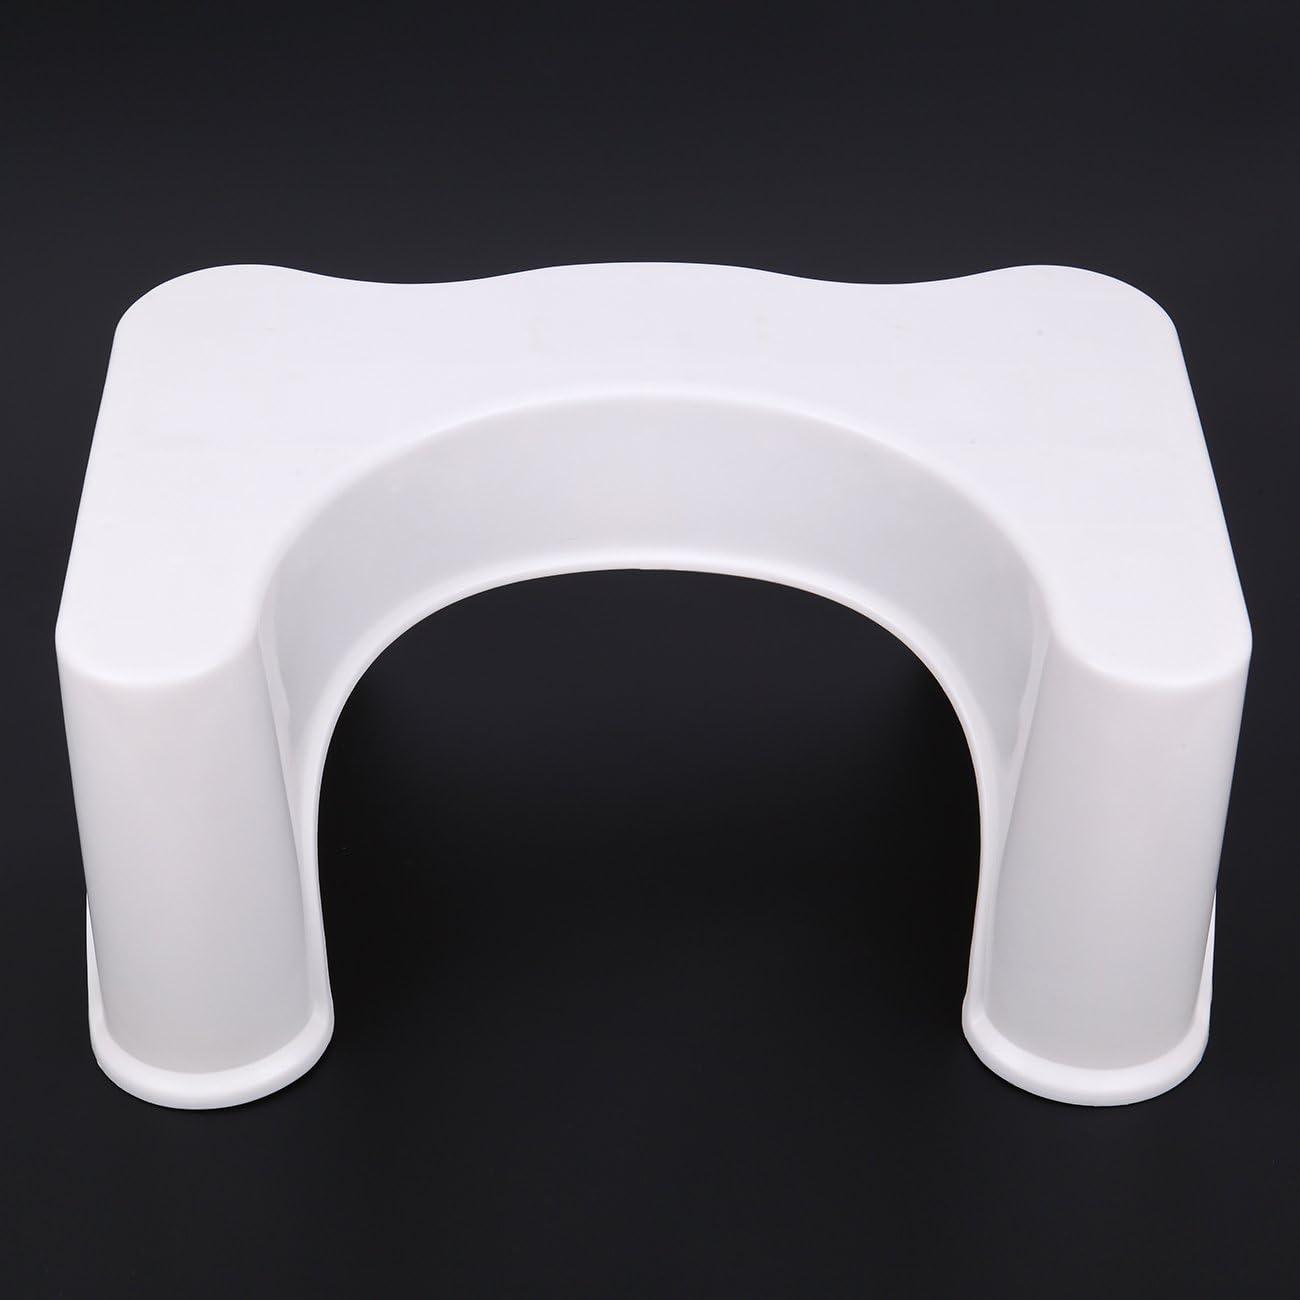 Marchepied en plastique antid/érapant de bain toilette aide pour le soulagement de la constipation pot de salle de bain marchepied crapaud